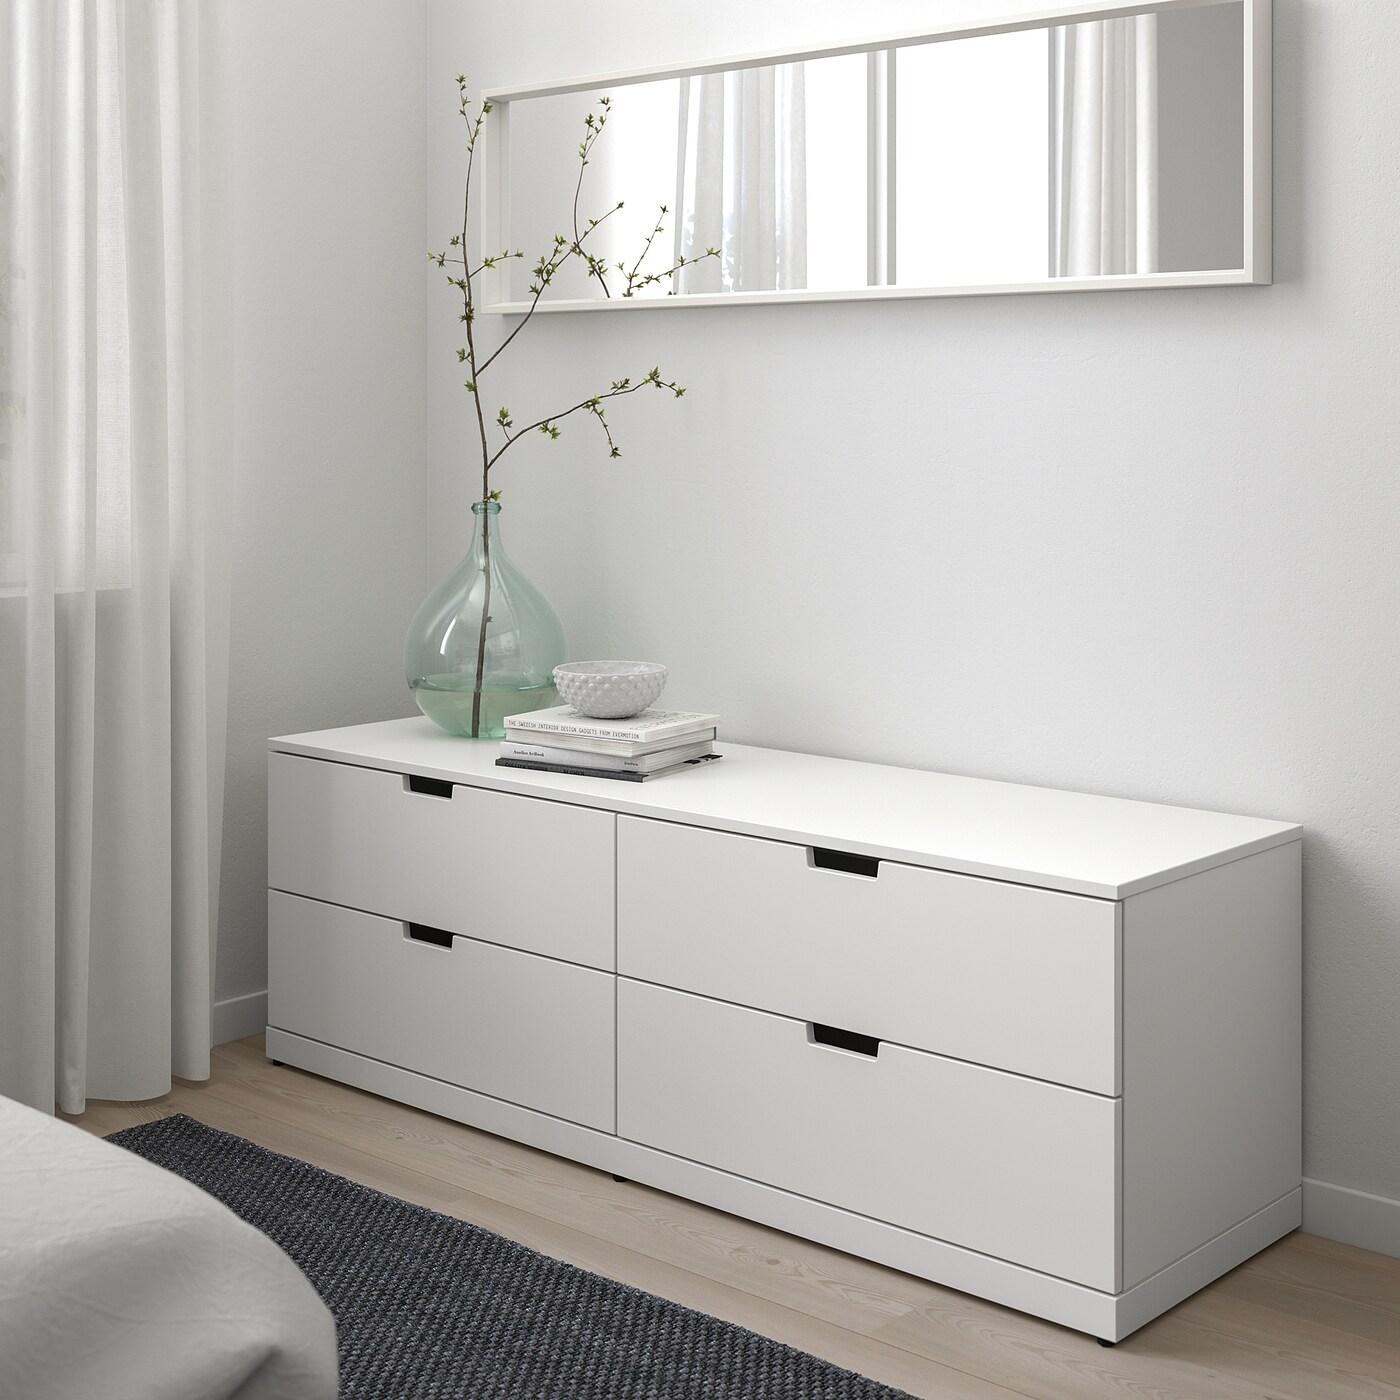 NORDLI Komoda se 4 zásuvkami, bílá, 160x54 cm